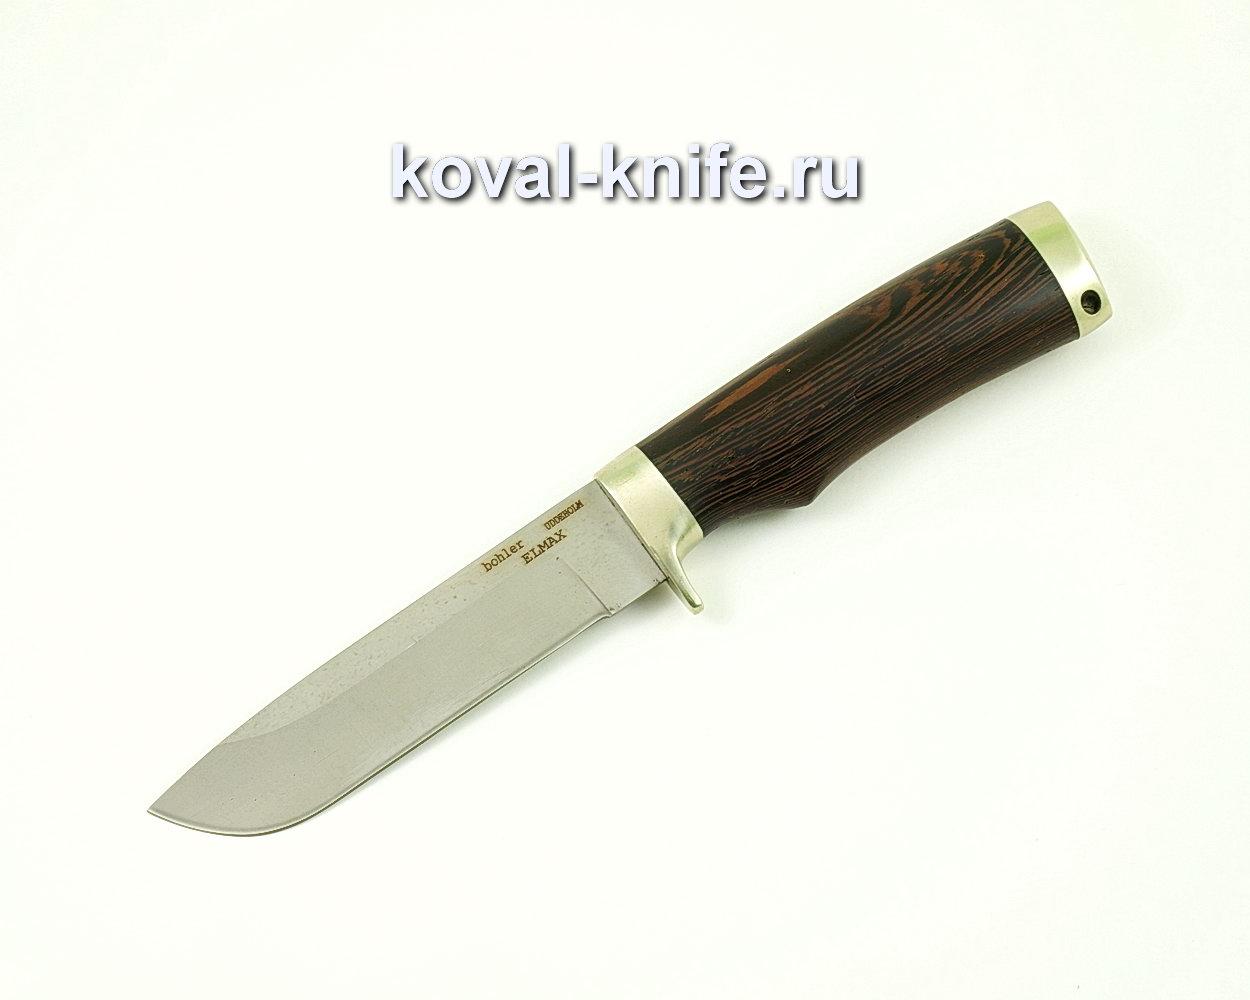 Нож Белка из порошковой стали Elmax (рукоять венге) A396